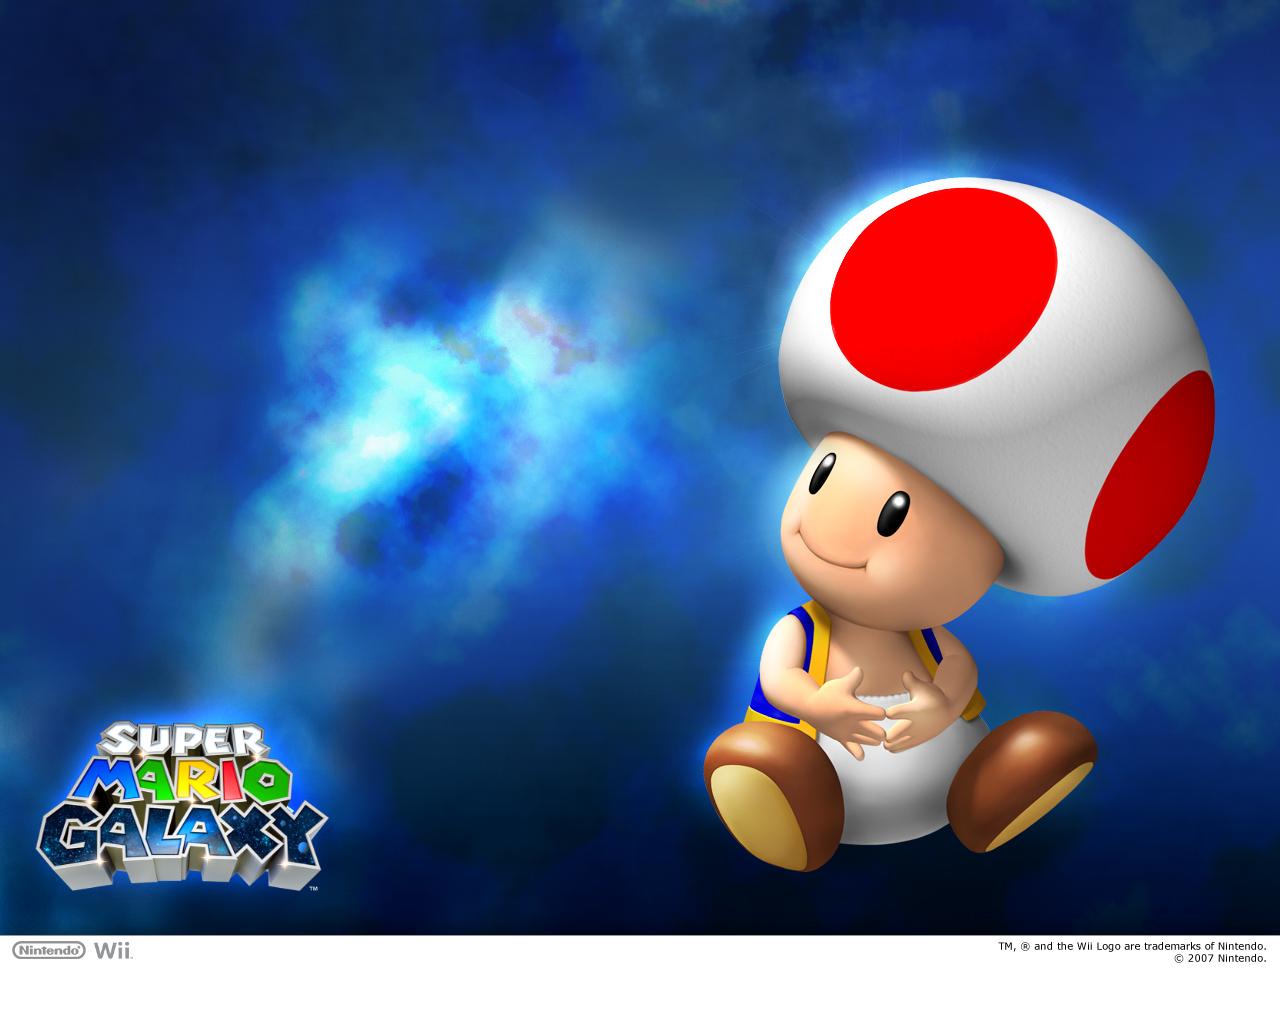 Mario kart 8 dancing nude - 3 4